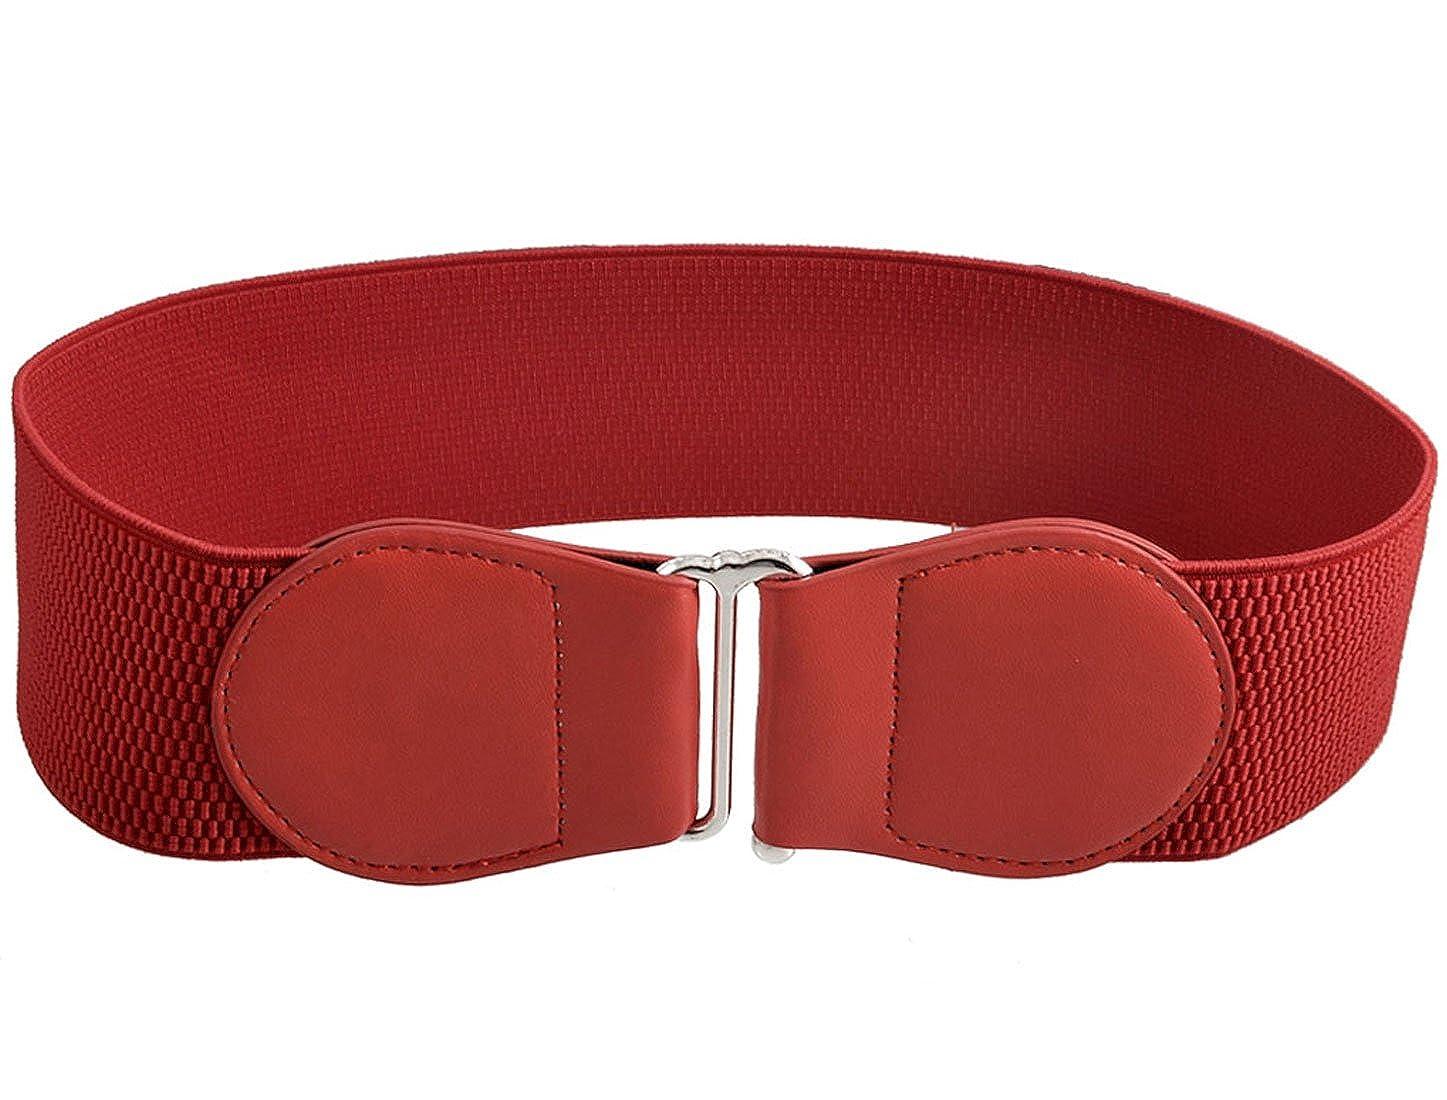 sourcing map Boucle Verrouillage mesdames 6cm largeur ceinture élastique  rouge foncé élastique  Amazon.fr  Vêtements et accessoires e8da545f675